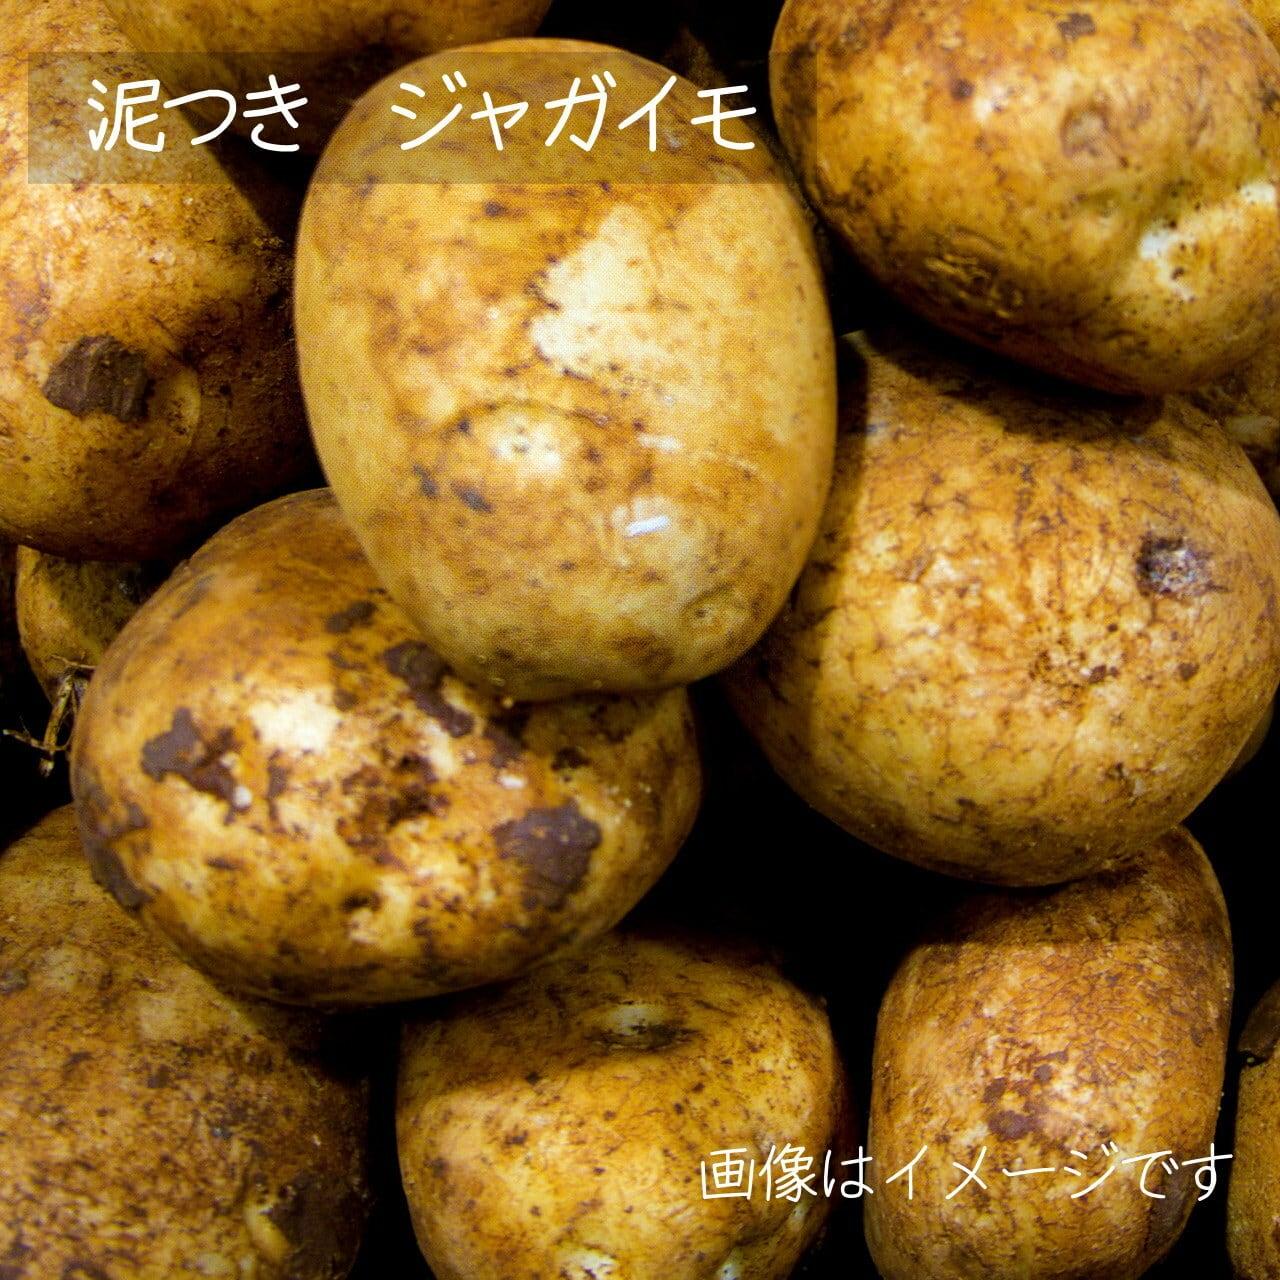 6月の新鮮野菜 :  ジャガイモ 約600g 朝採り直売野菜 6月26日発送予定